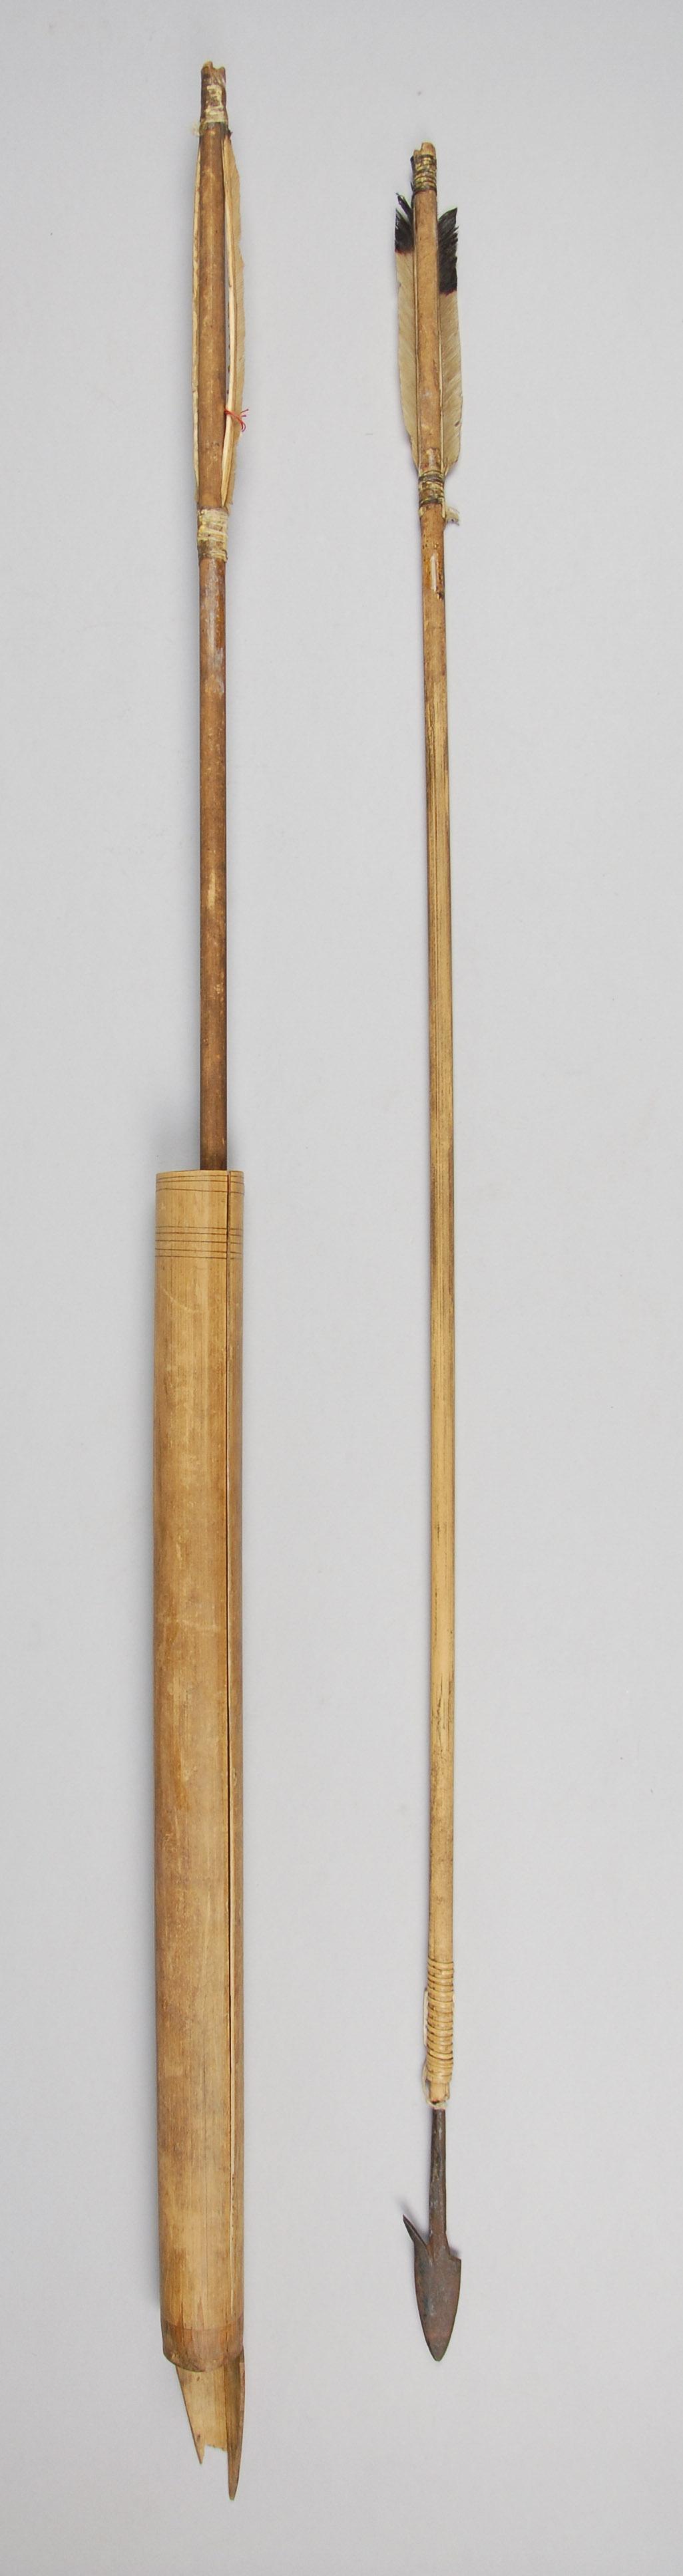 Pfeilköcher mit zwei Bogenpfeilen